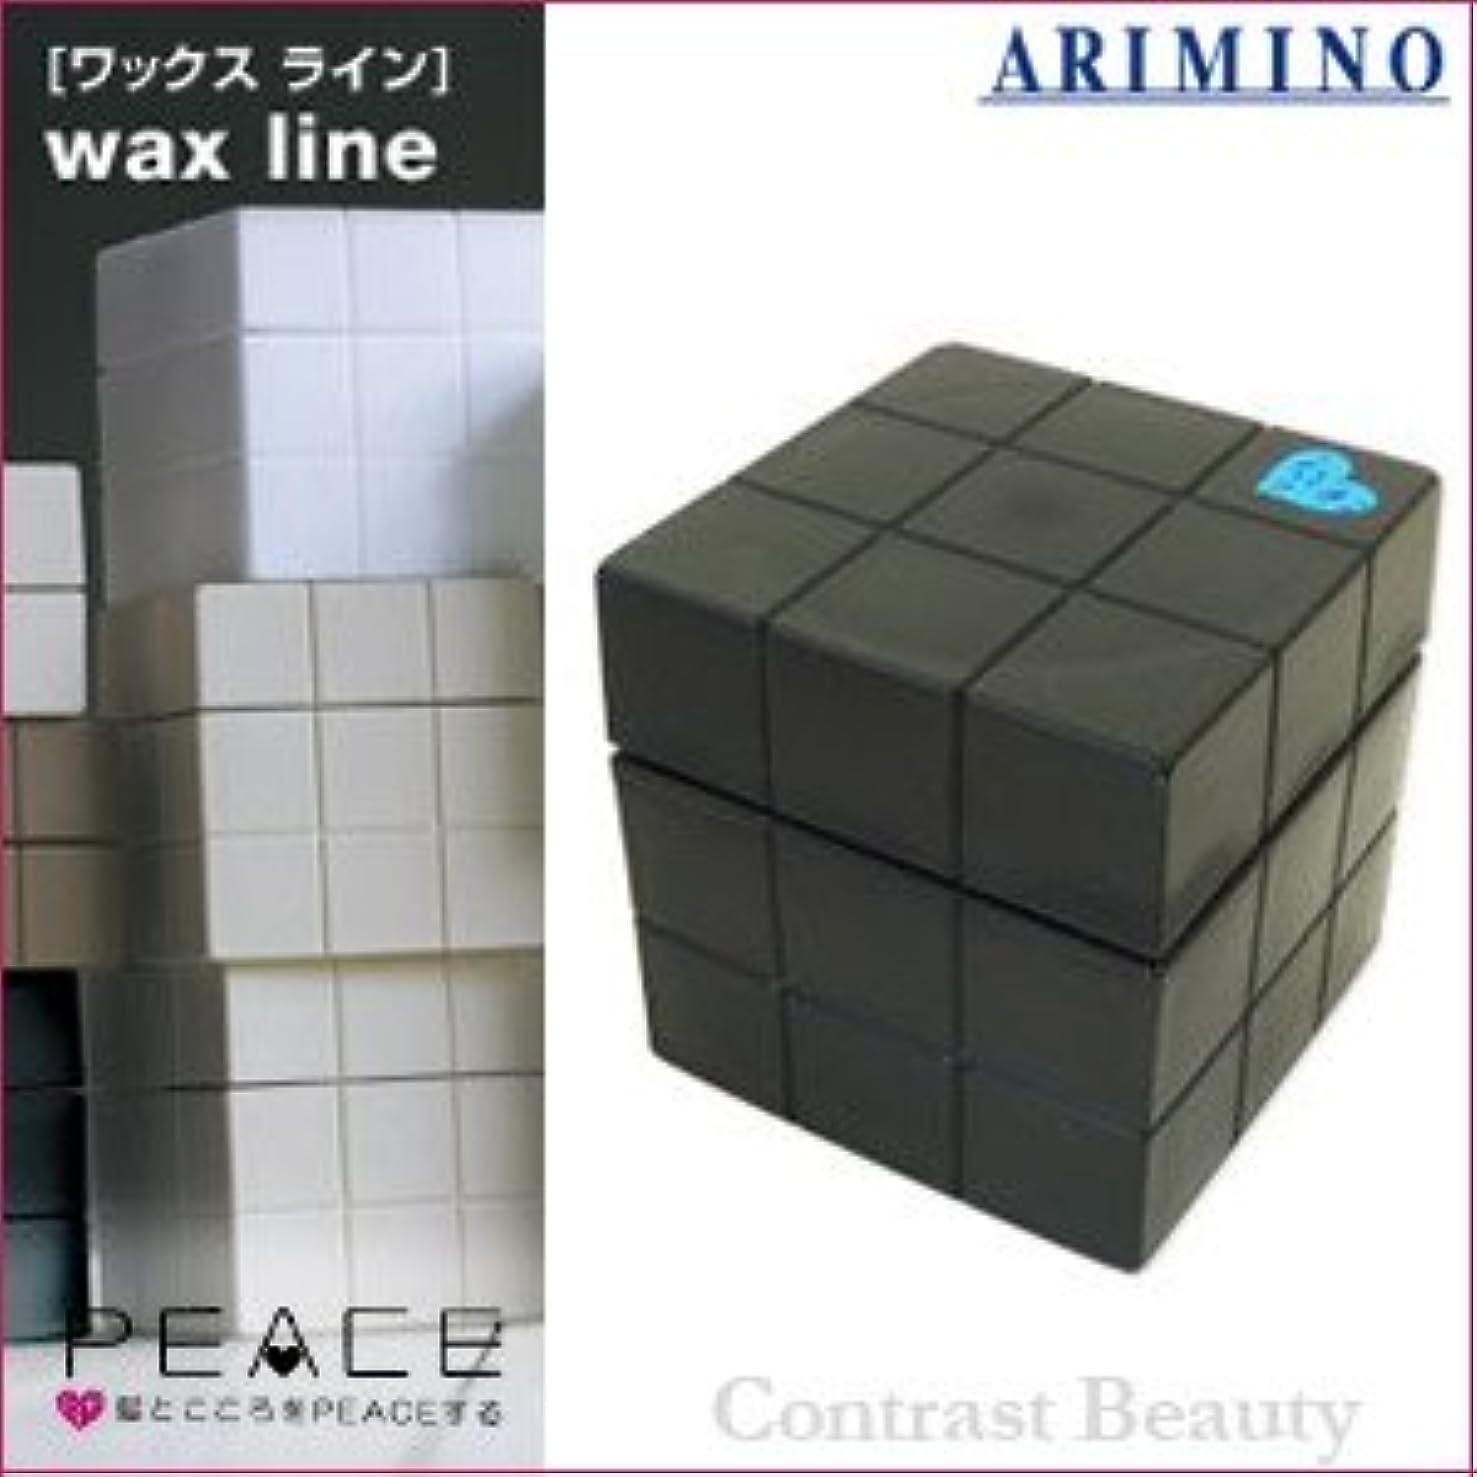 勧めるリーンメタン【X4個セット】 アリミノ ピース プロデザインシリーズ フリーズキープワックス ブラック 80g